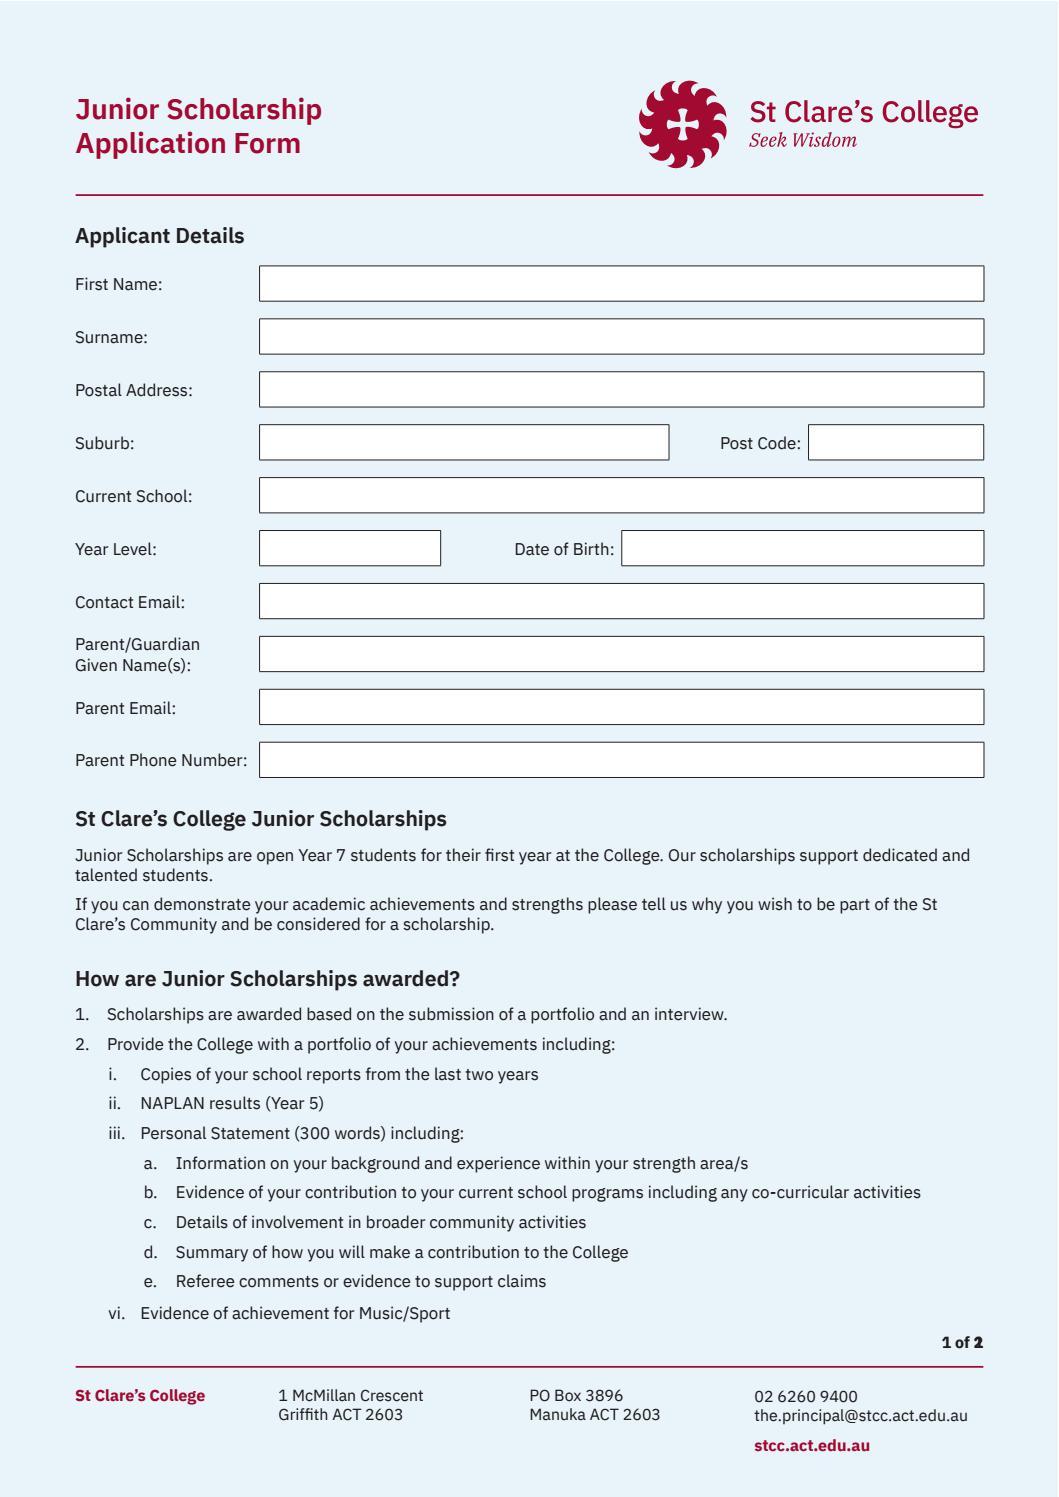 Junior Scholarship Application Form